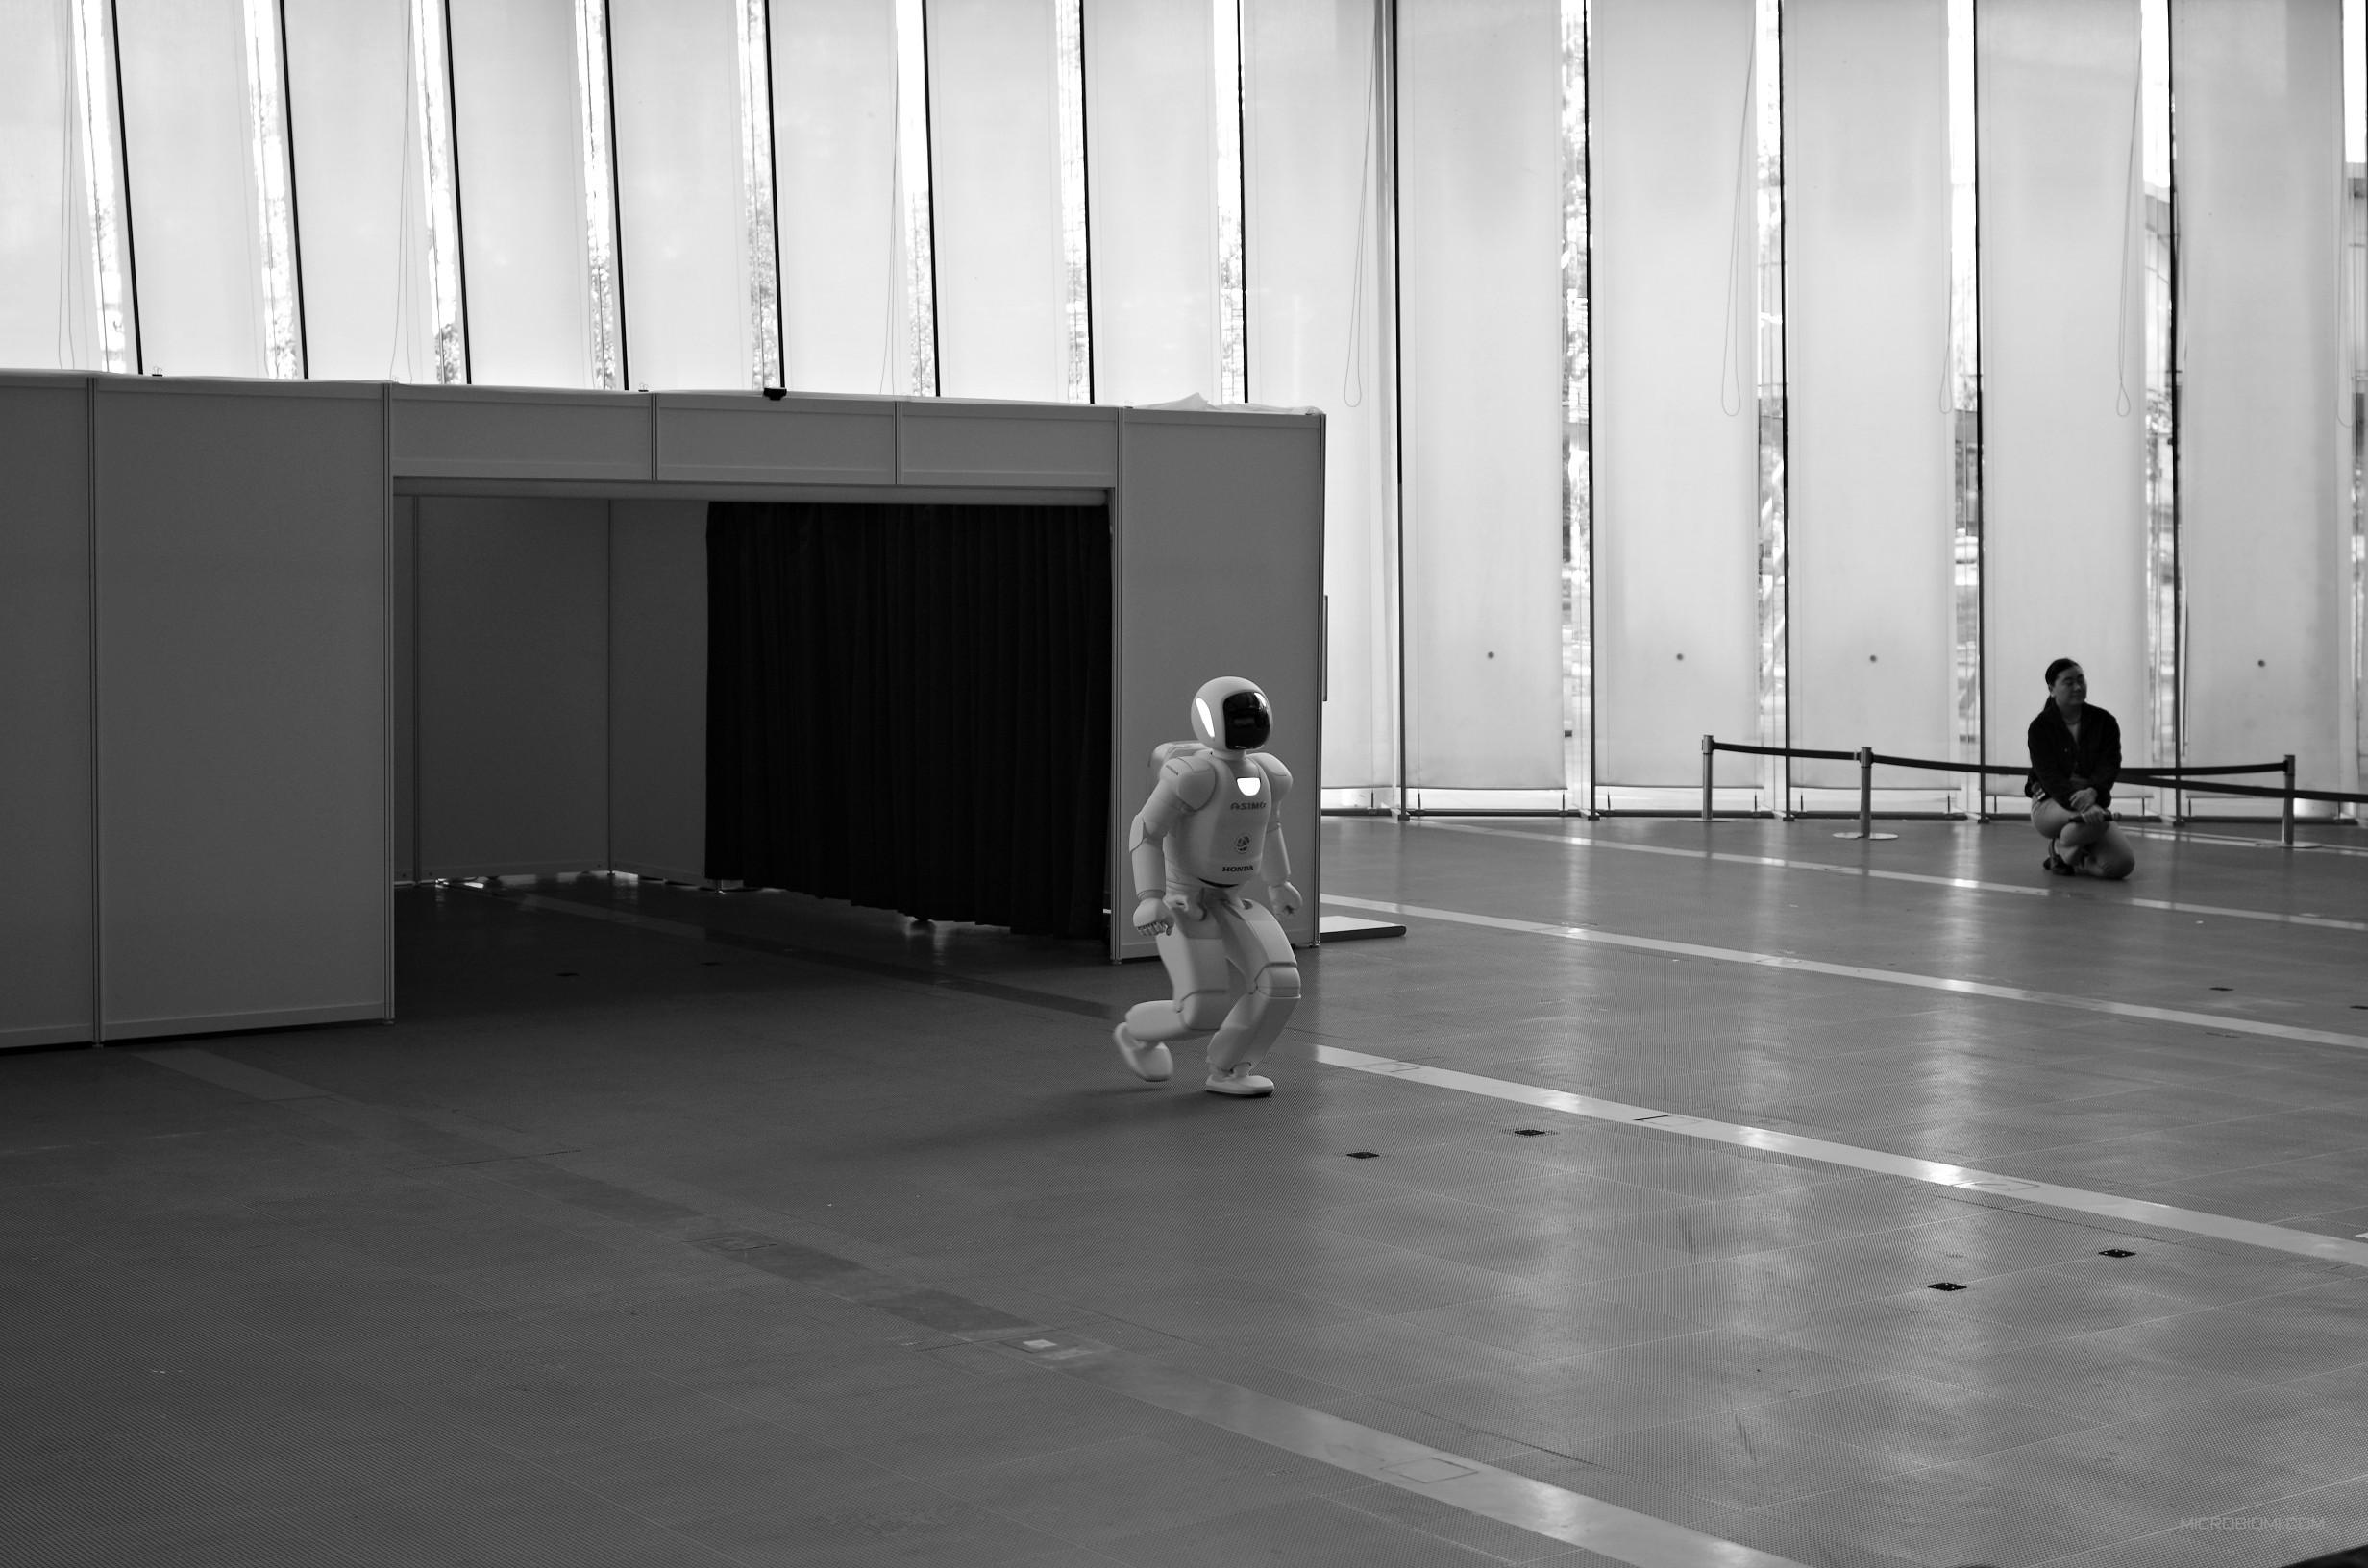 L'esibizione di ASIMO al museo Miraikan (della scienza emergente e dell'innovazione), dal quale Alessandra ha dovuto portarmi via con la forza.